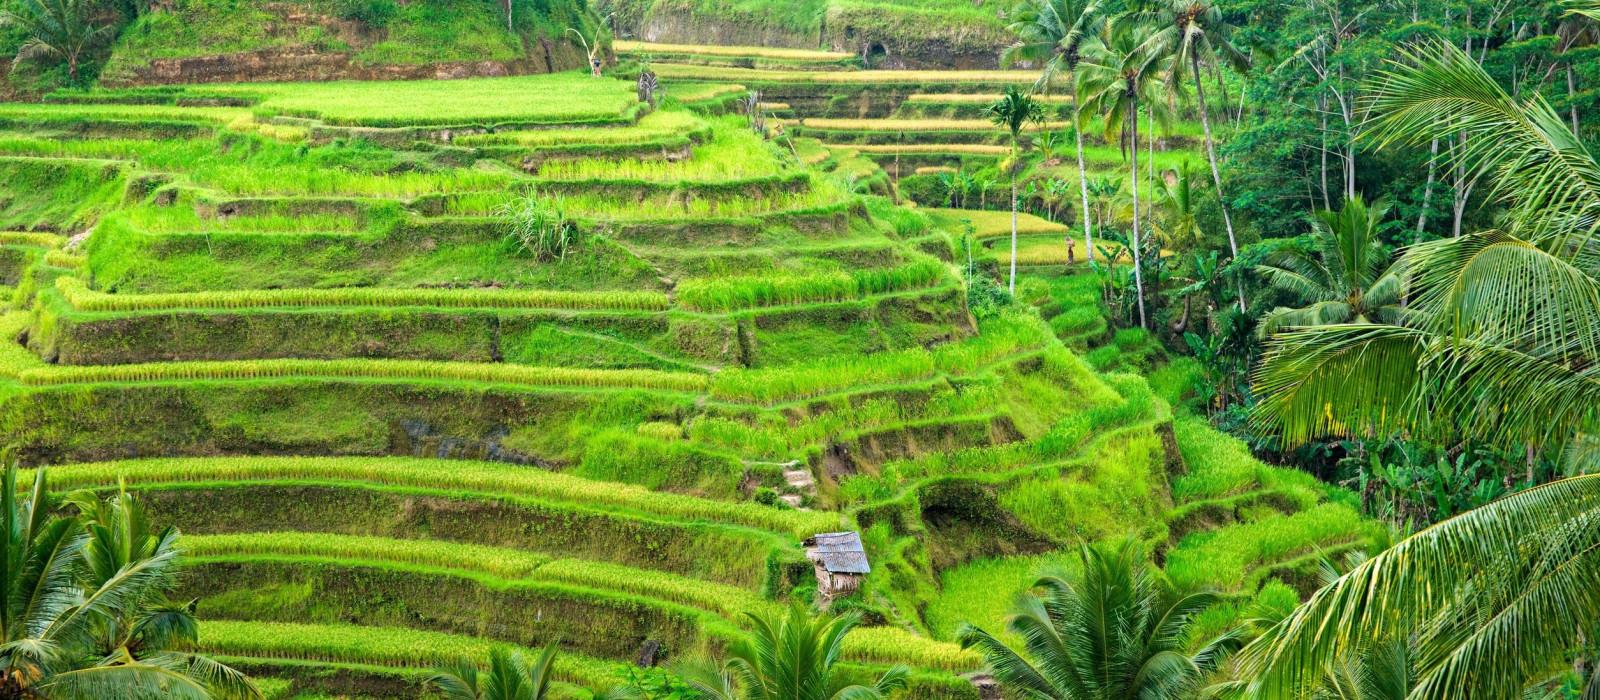 Bali & Java: Vulkane, Tempel & Korallengärten Urlaub 1